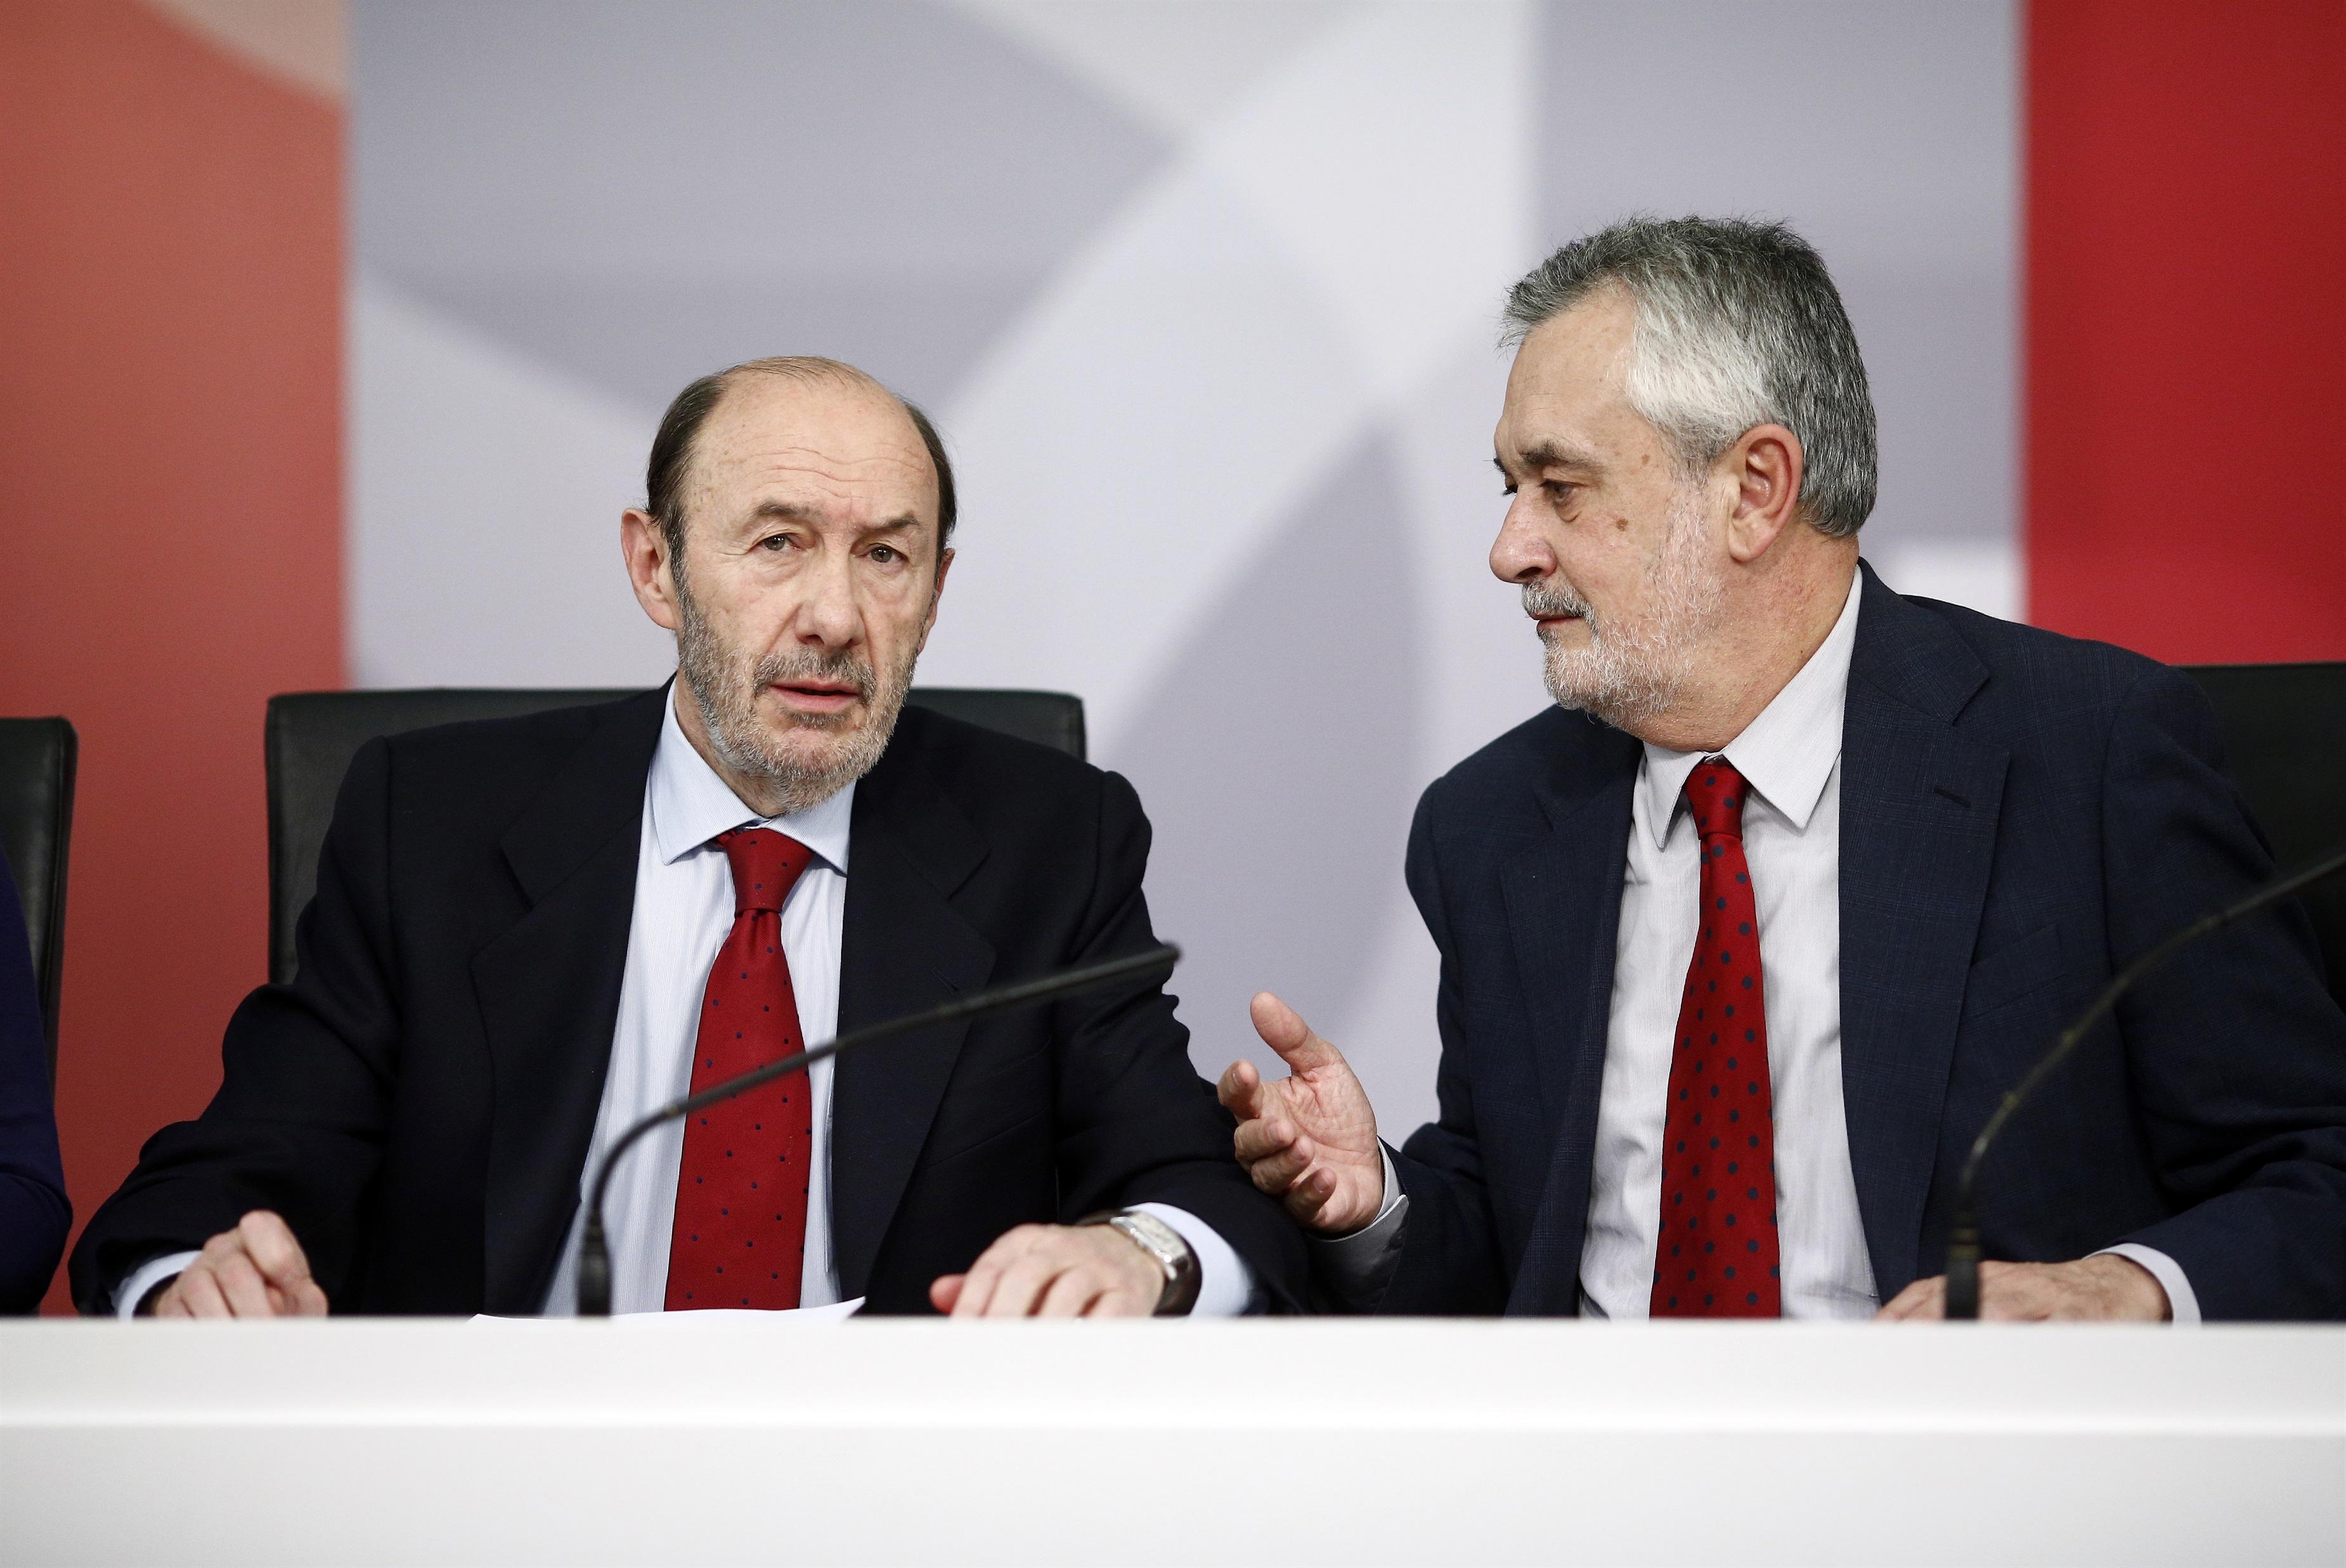 La Comisión Ejecutiva del PSOE se reúne hoy para estudiar y dar el visto bueno a las primarias en Andalucía